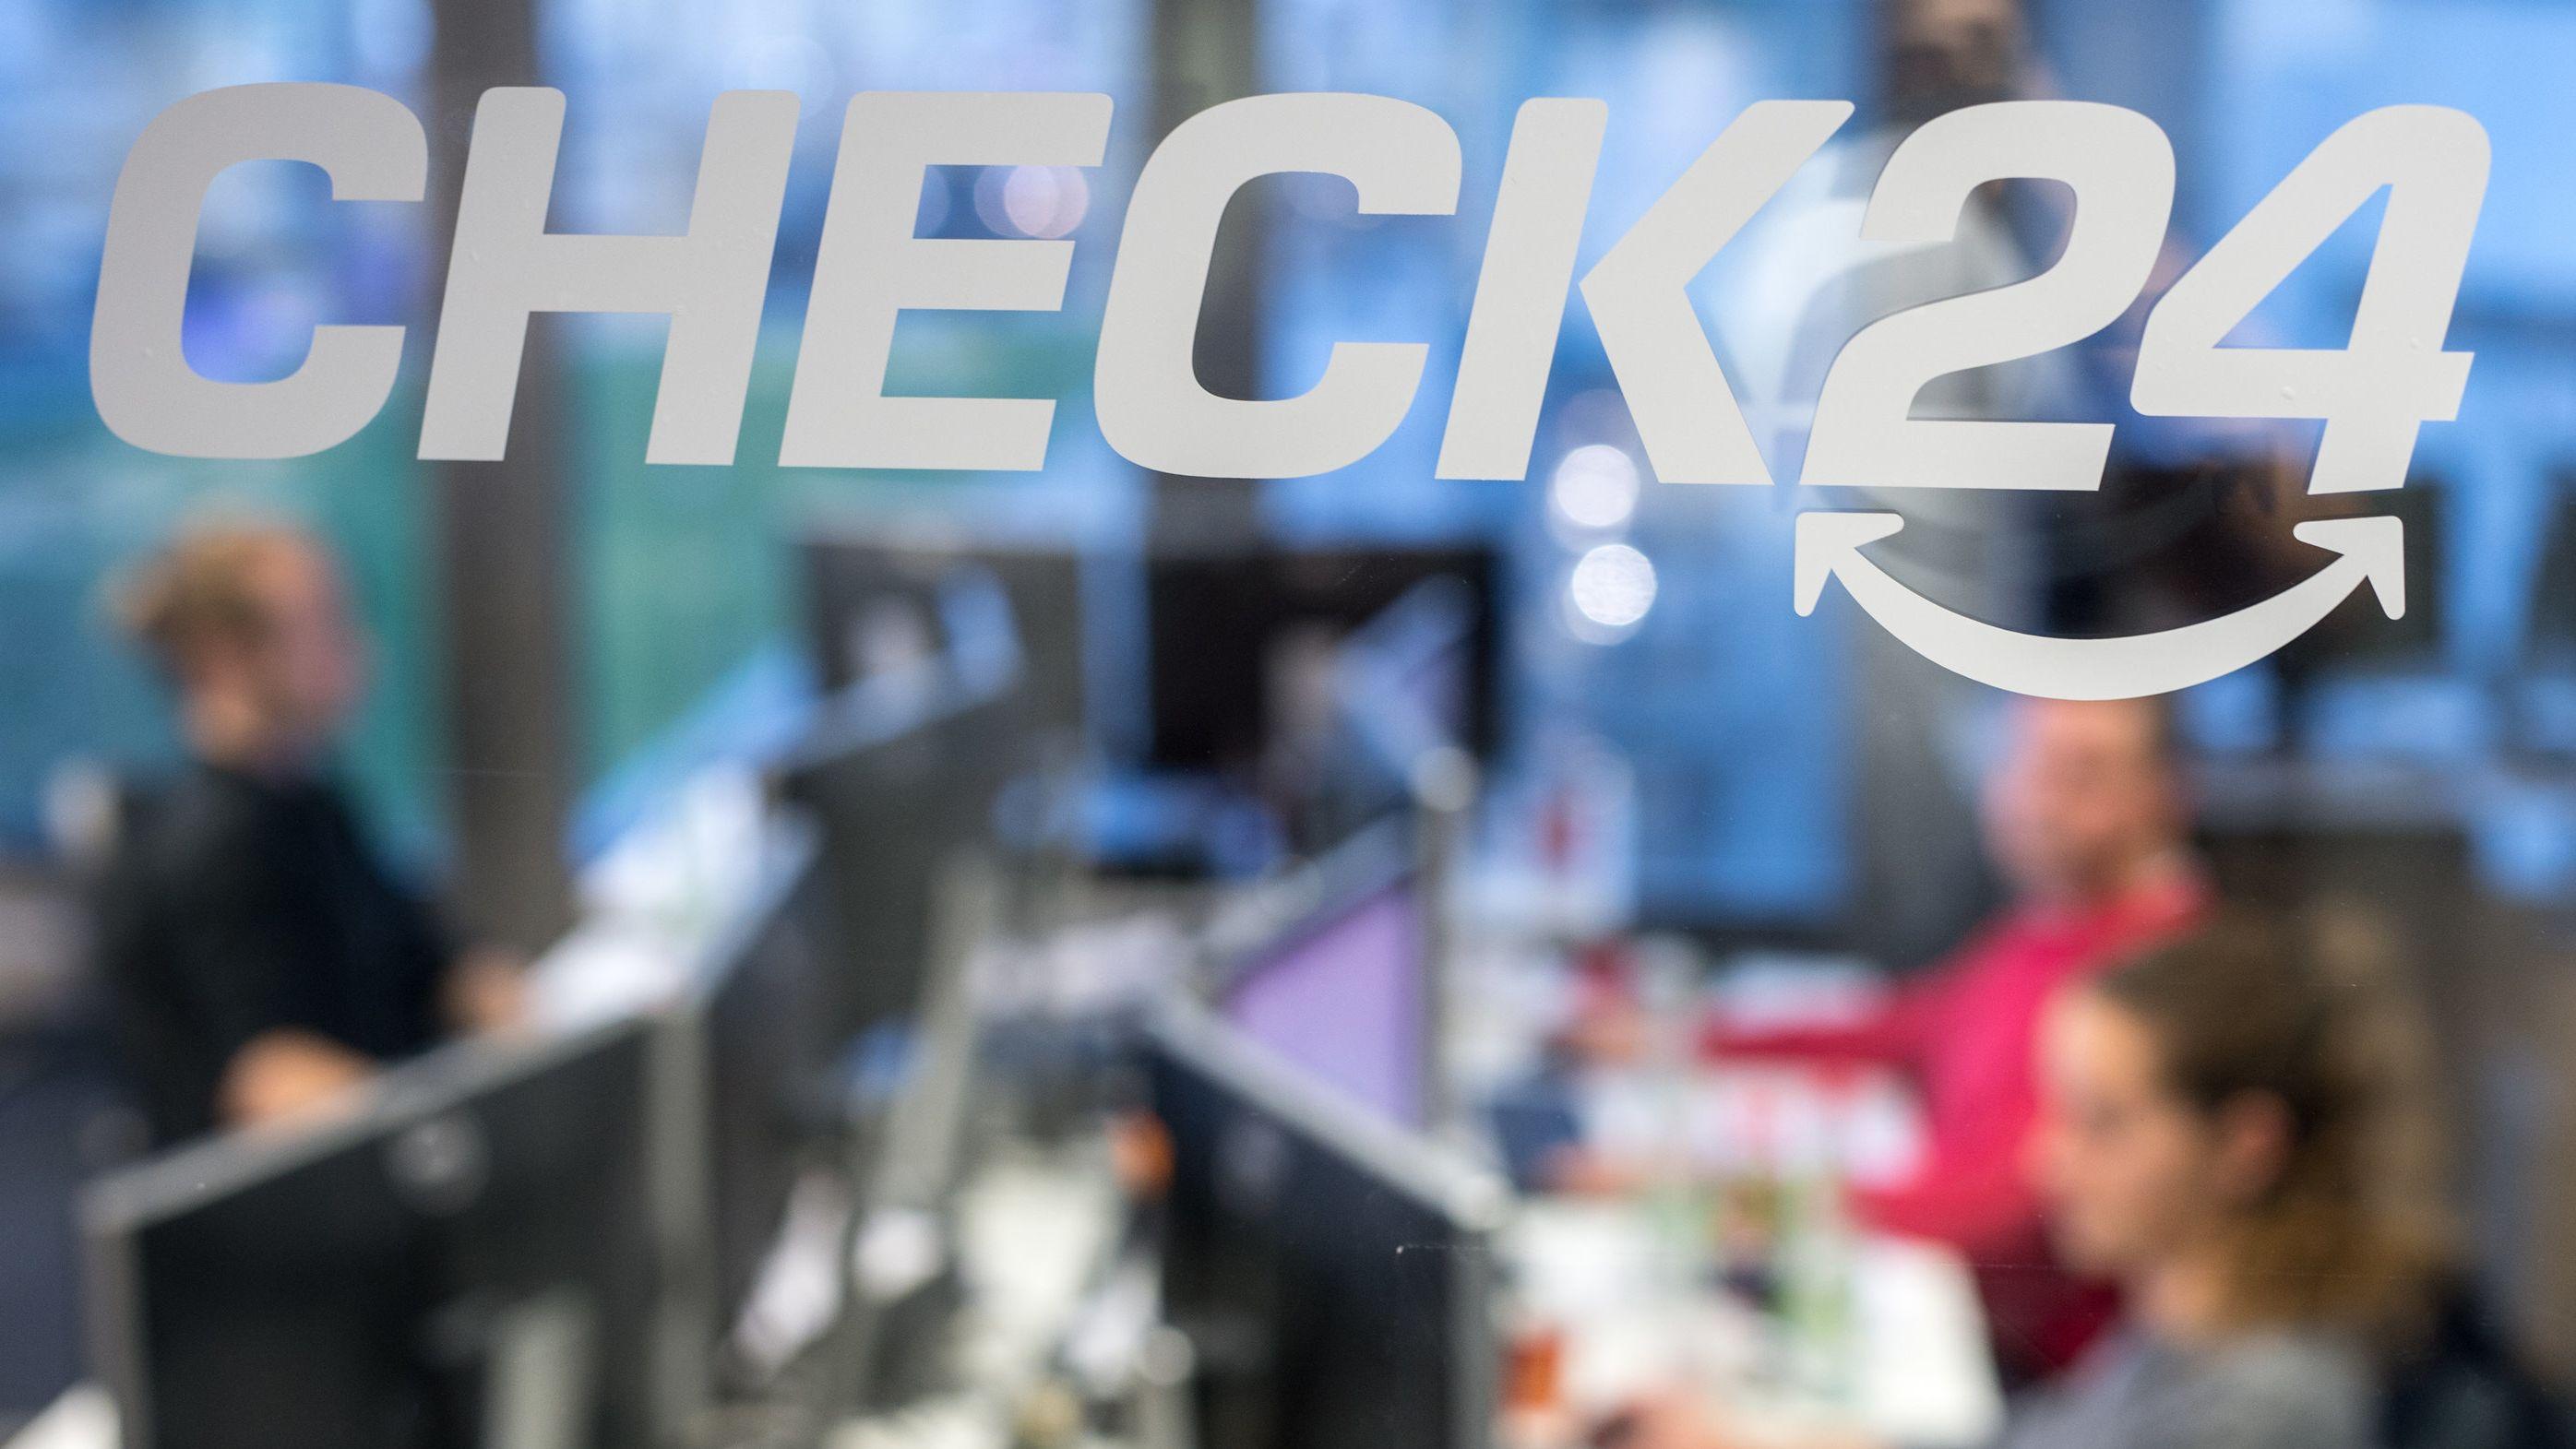 Mitarbeiter von Check24 sitzen hinter einem Logo der Firma.